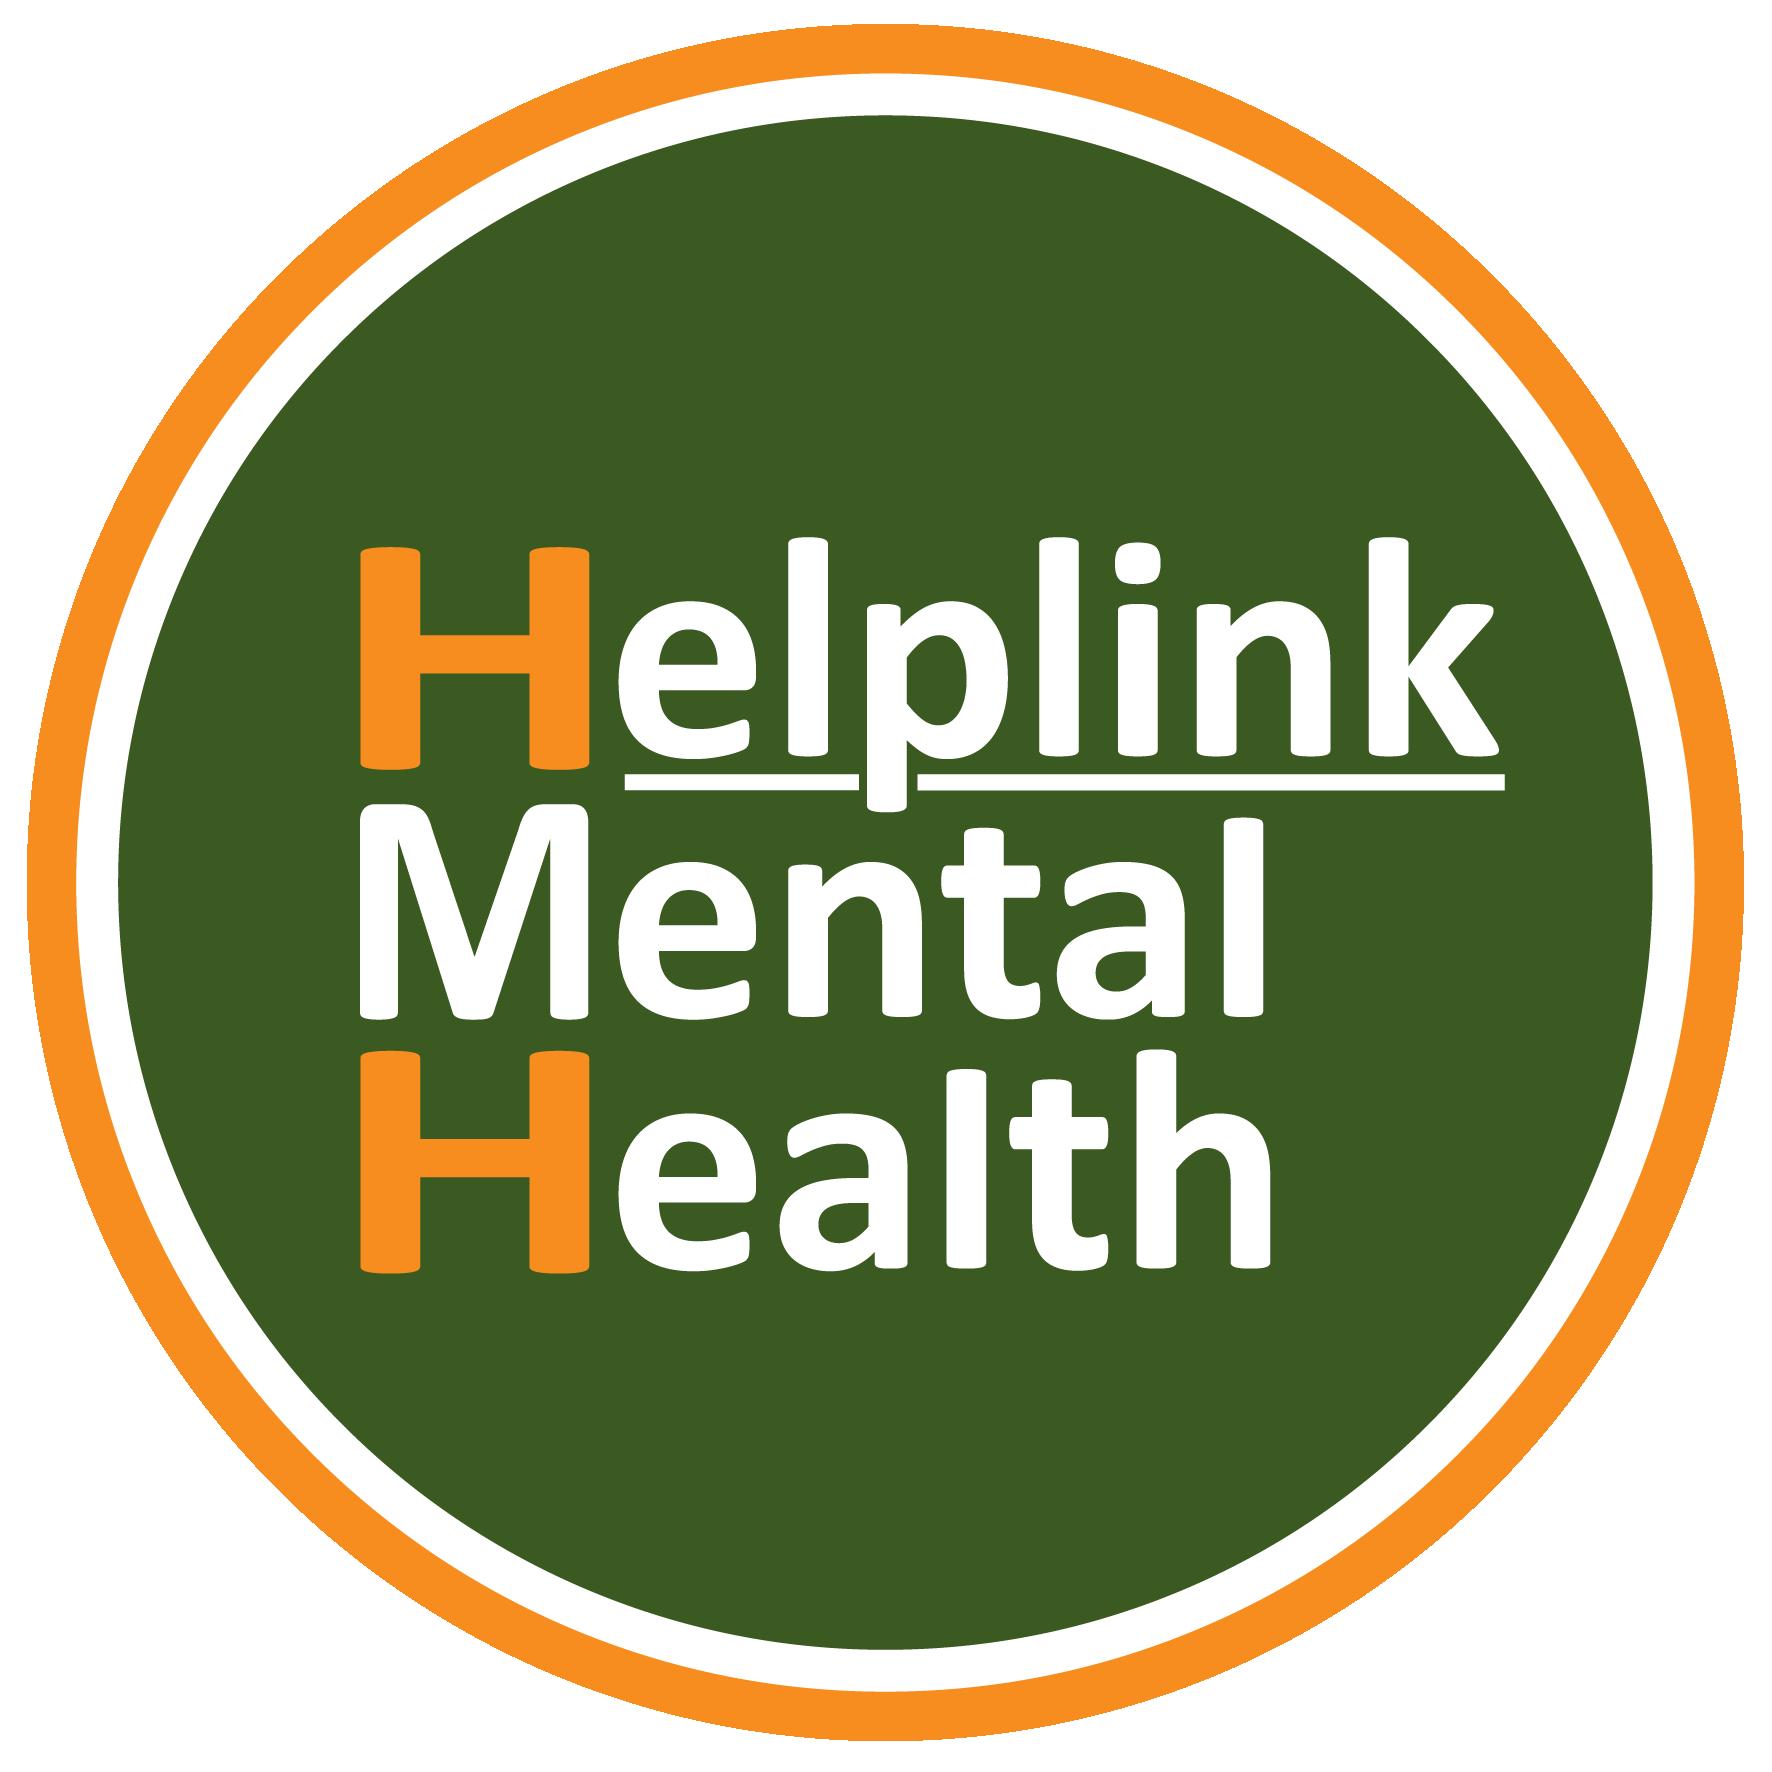 Helplink Mental Health